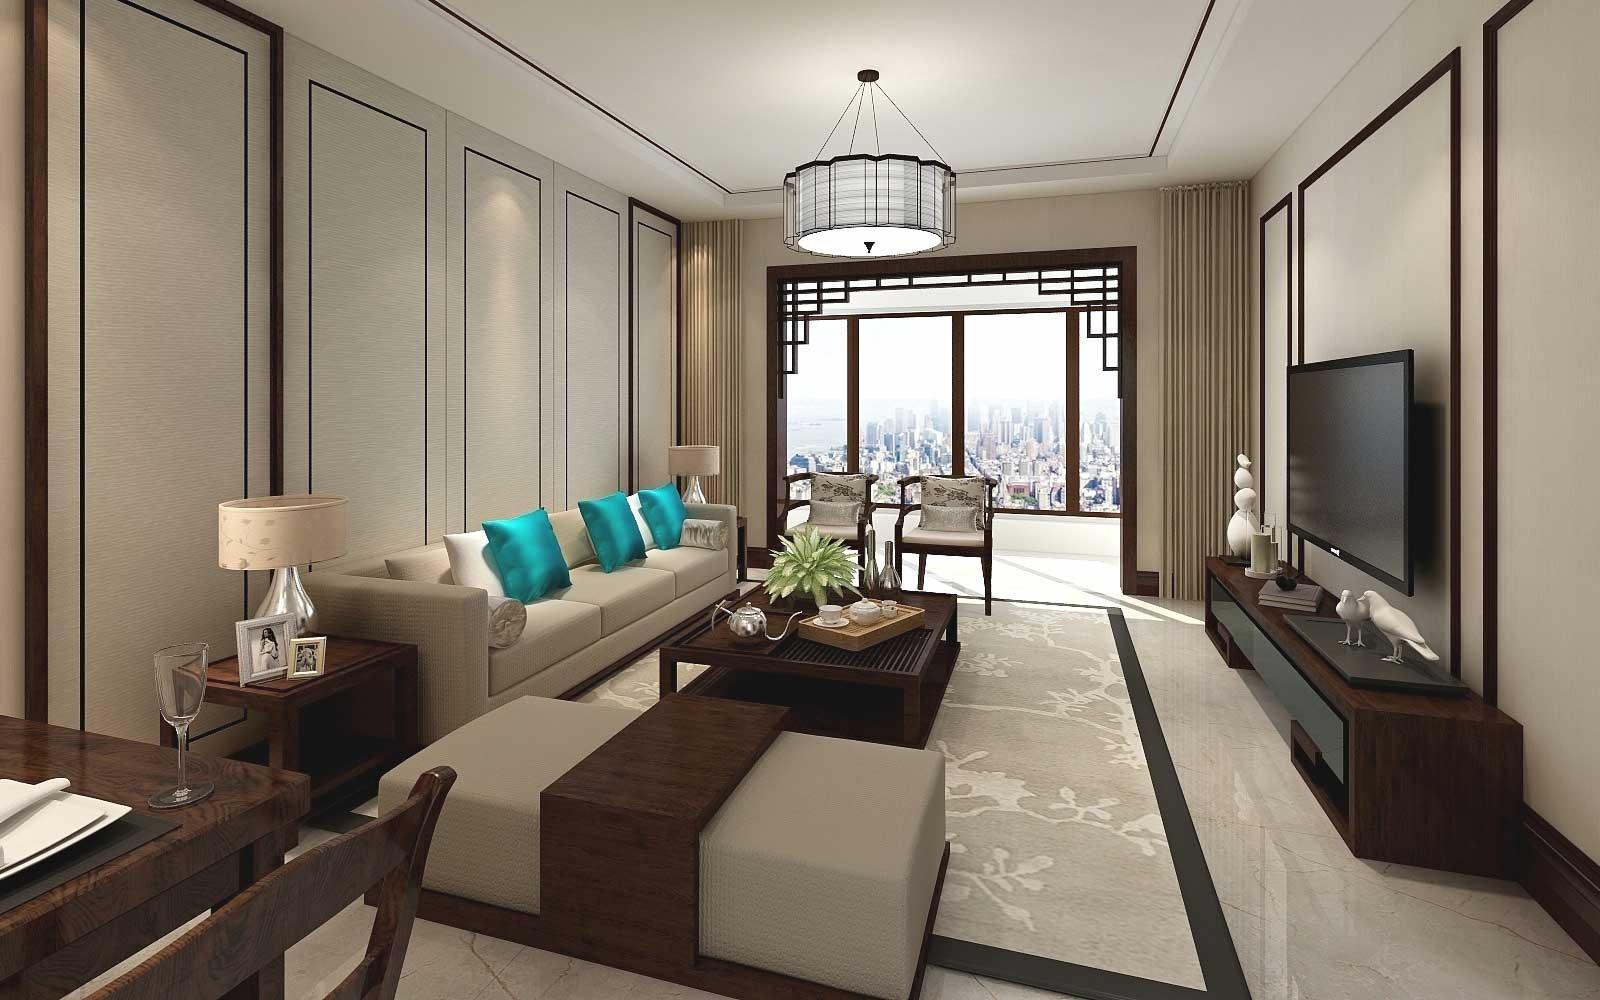 2020新中式70平米設計圖片 2020新中式二居室裝修設計